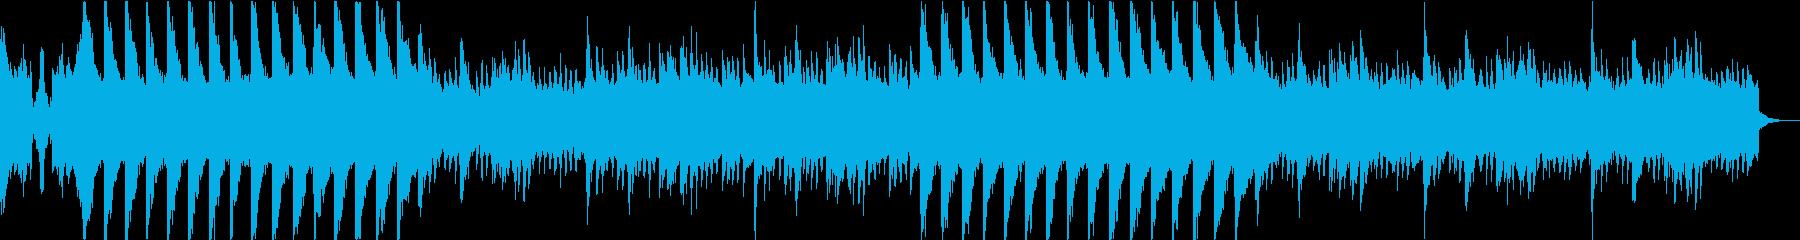 ドラムなしバージョンの再生済みの波形